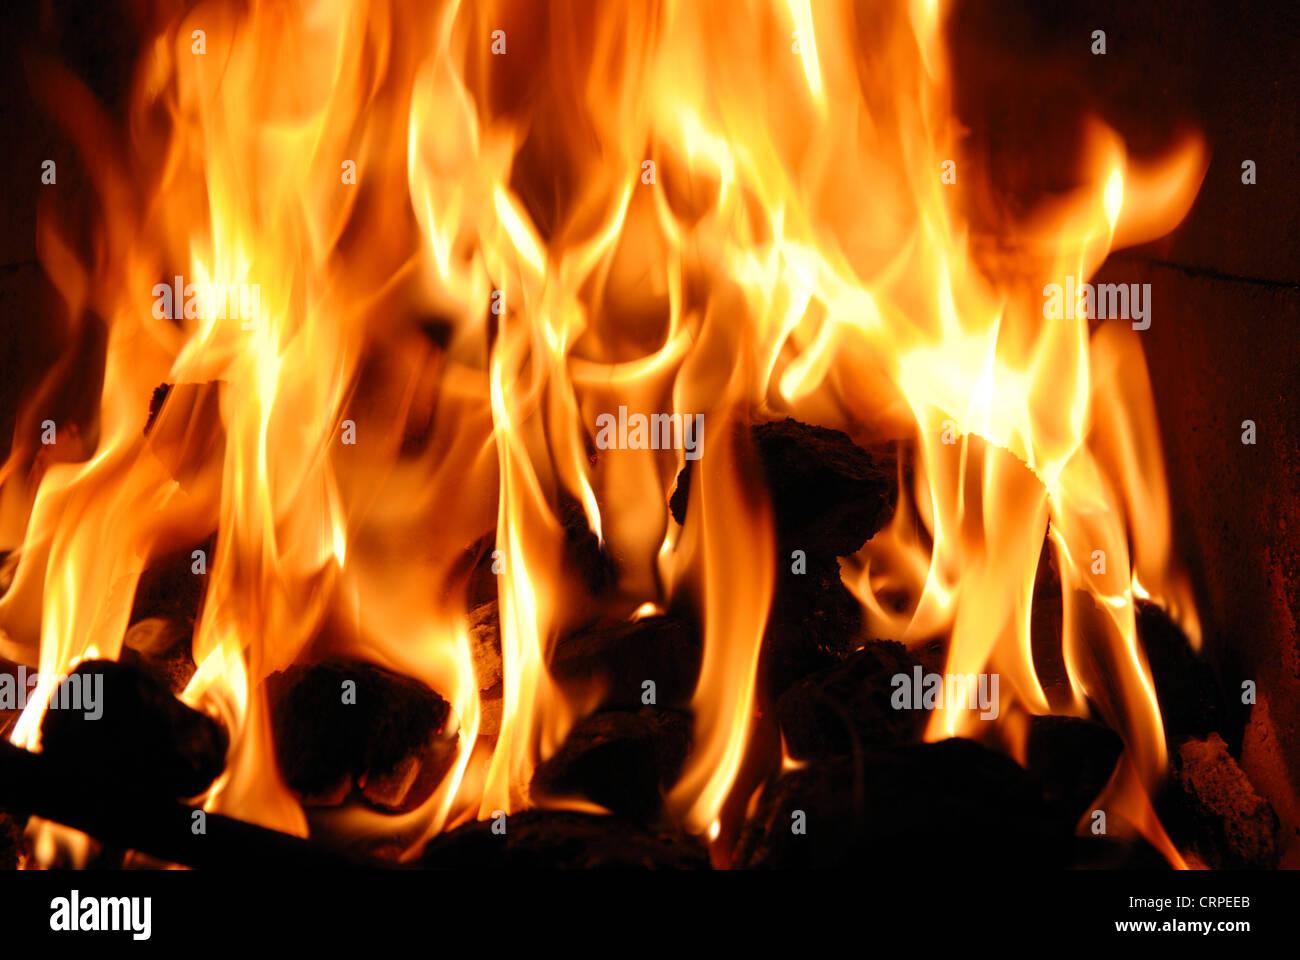 Un fuego de carbón doméstico Imagen De Stock